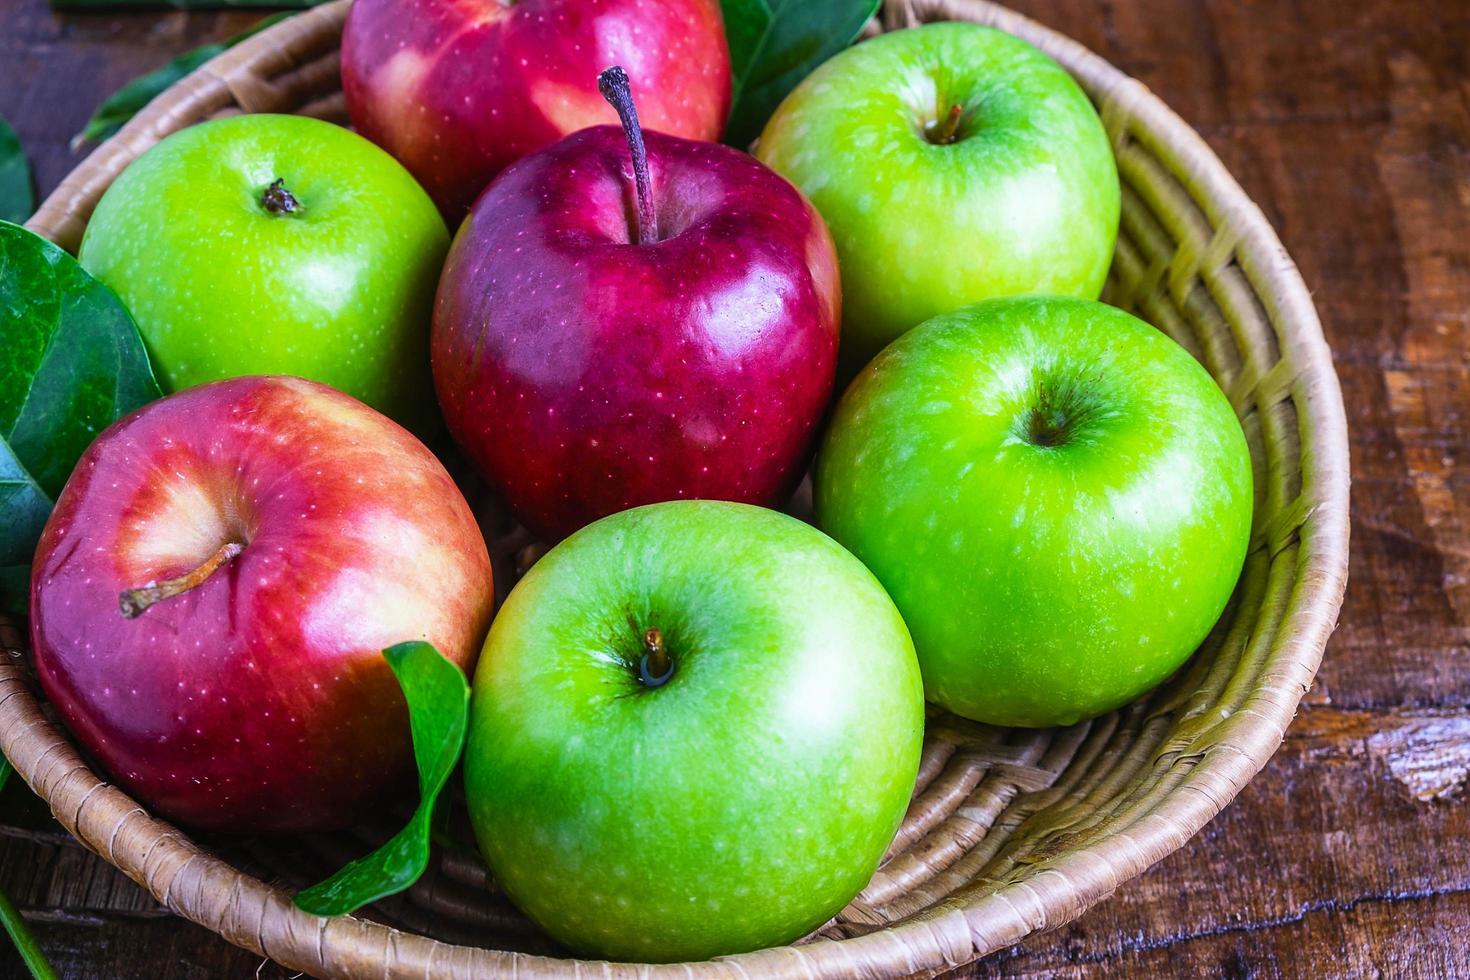 Nahaufnahme eines Korbes mit Äpfeln foto